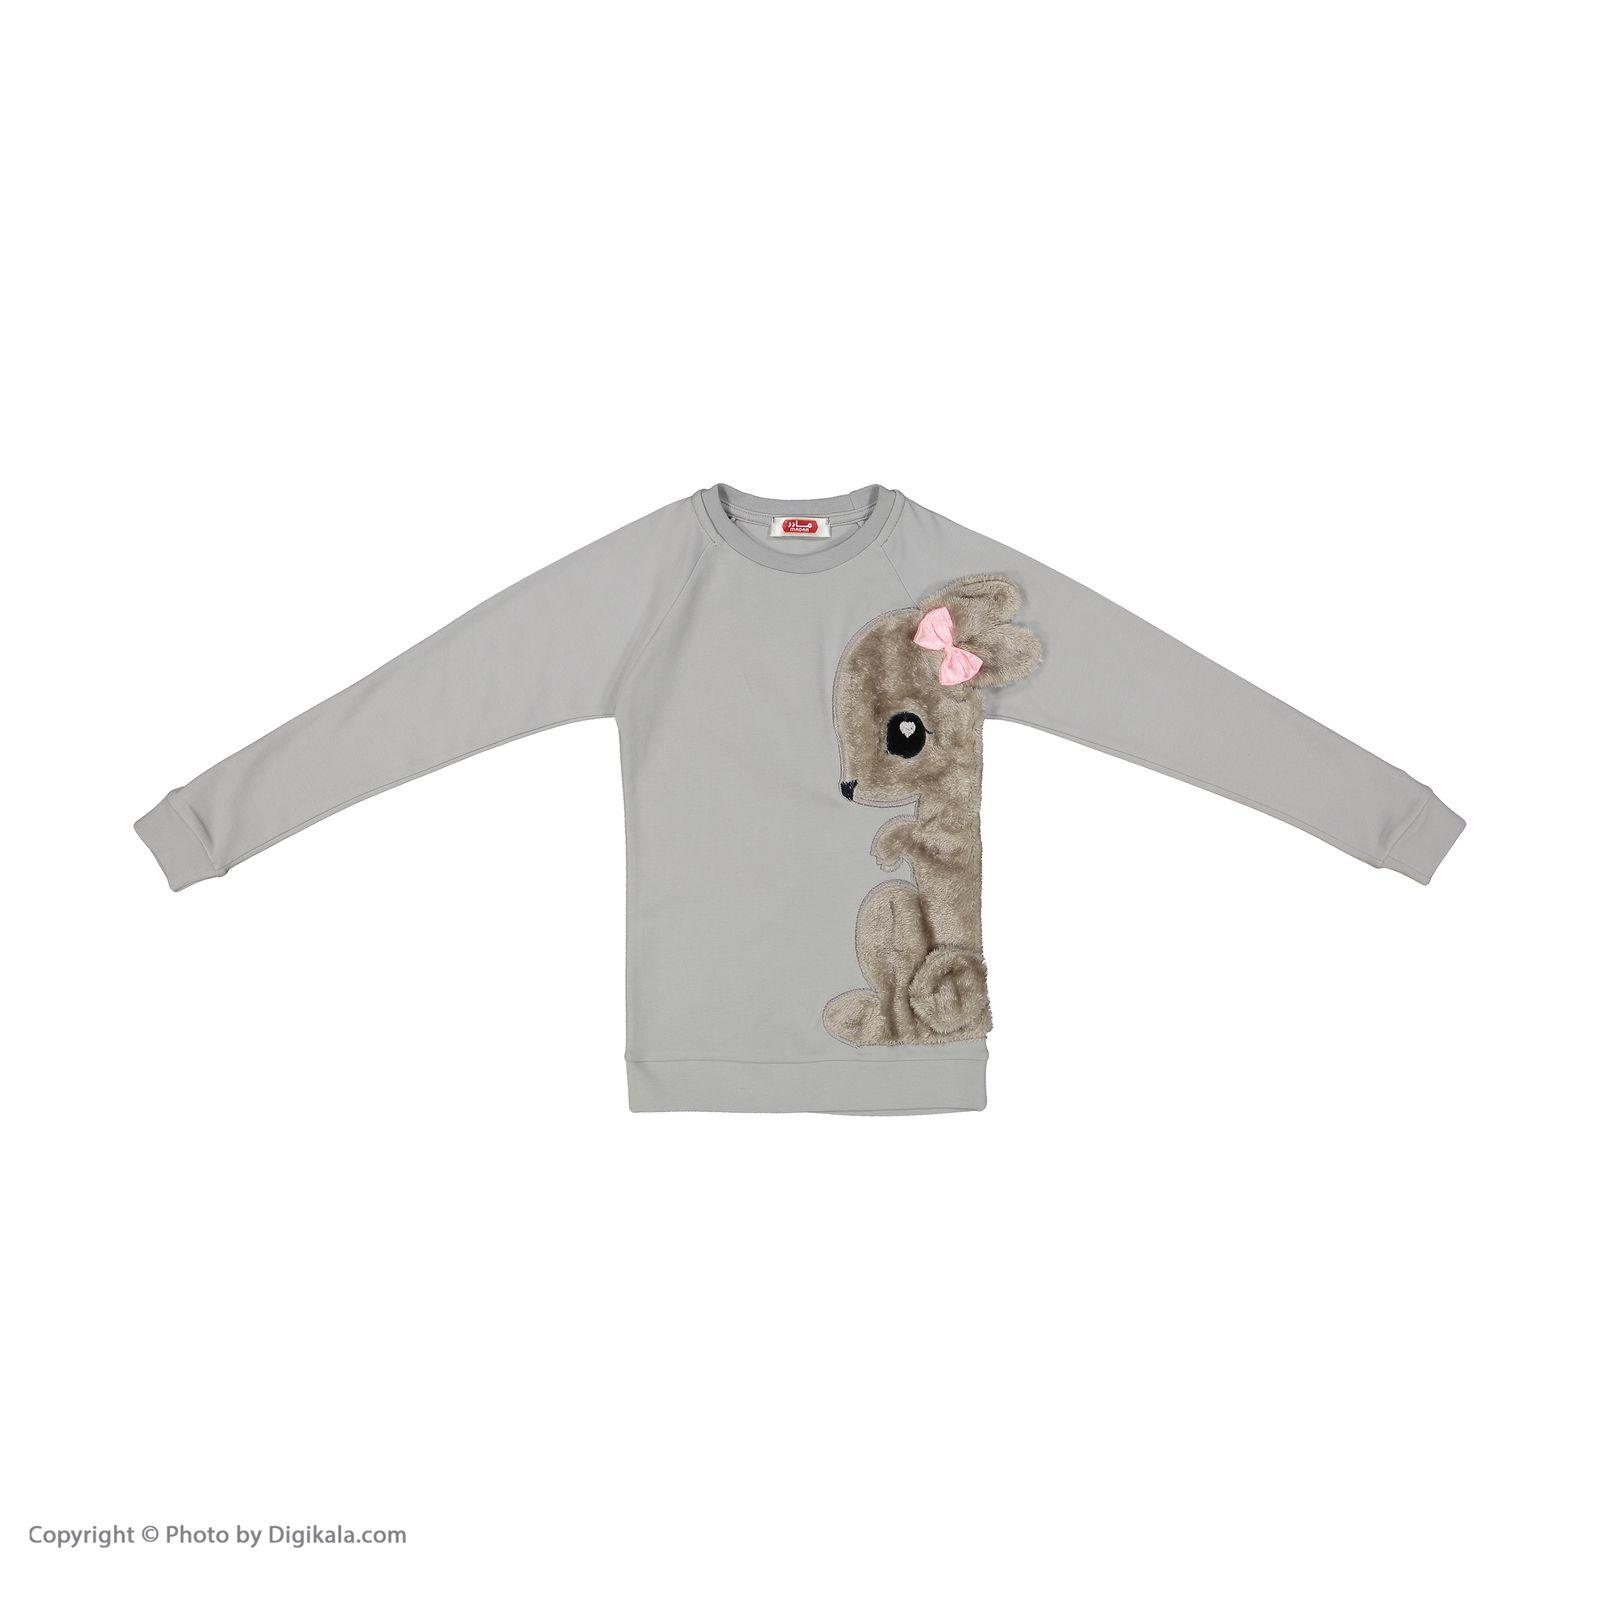 ست تی شرت و شلوار دخترانه مادر مدل SherryGray-93 main 1 2